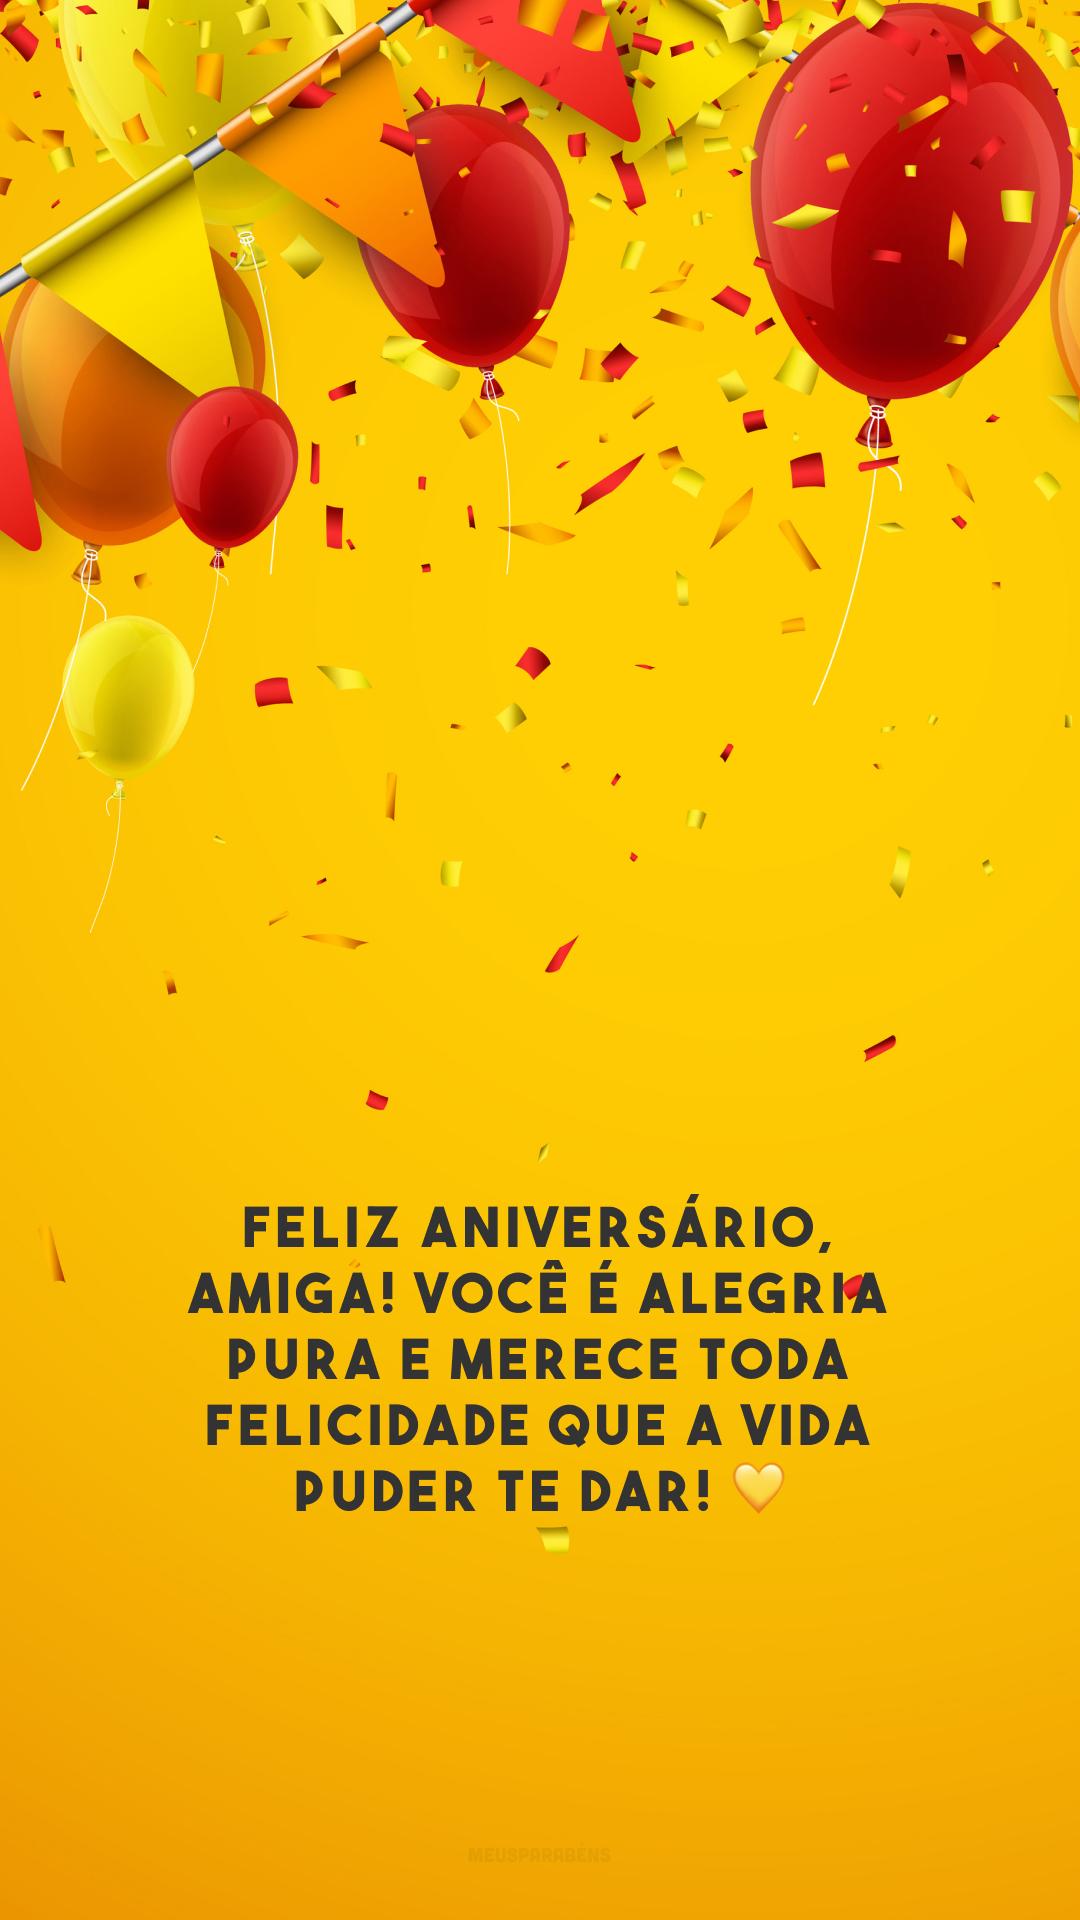 Feliz aniversário, amiga! Você é alegria pura e merece toda felicidade que a vida puder te dar! 💛